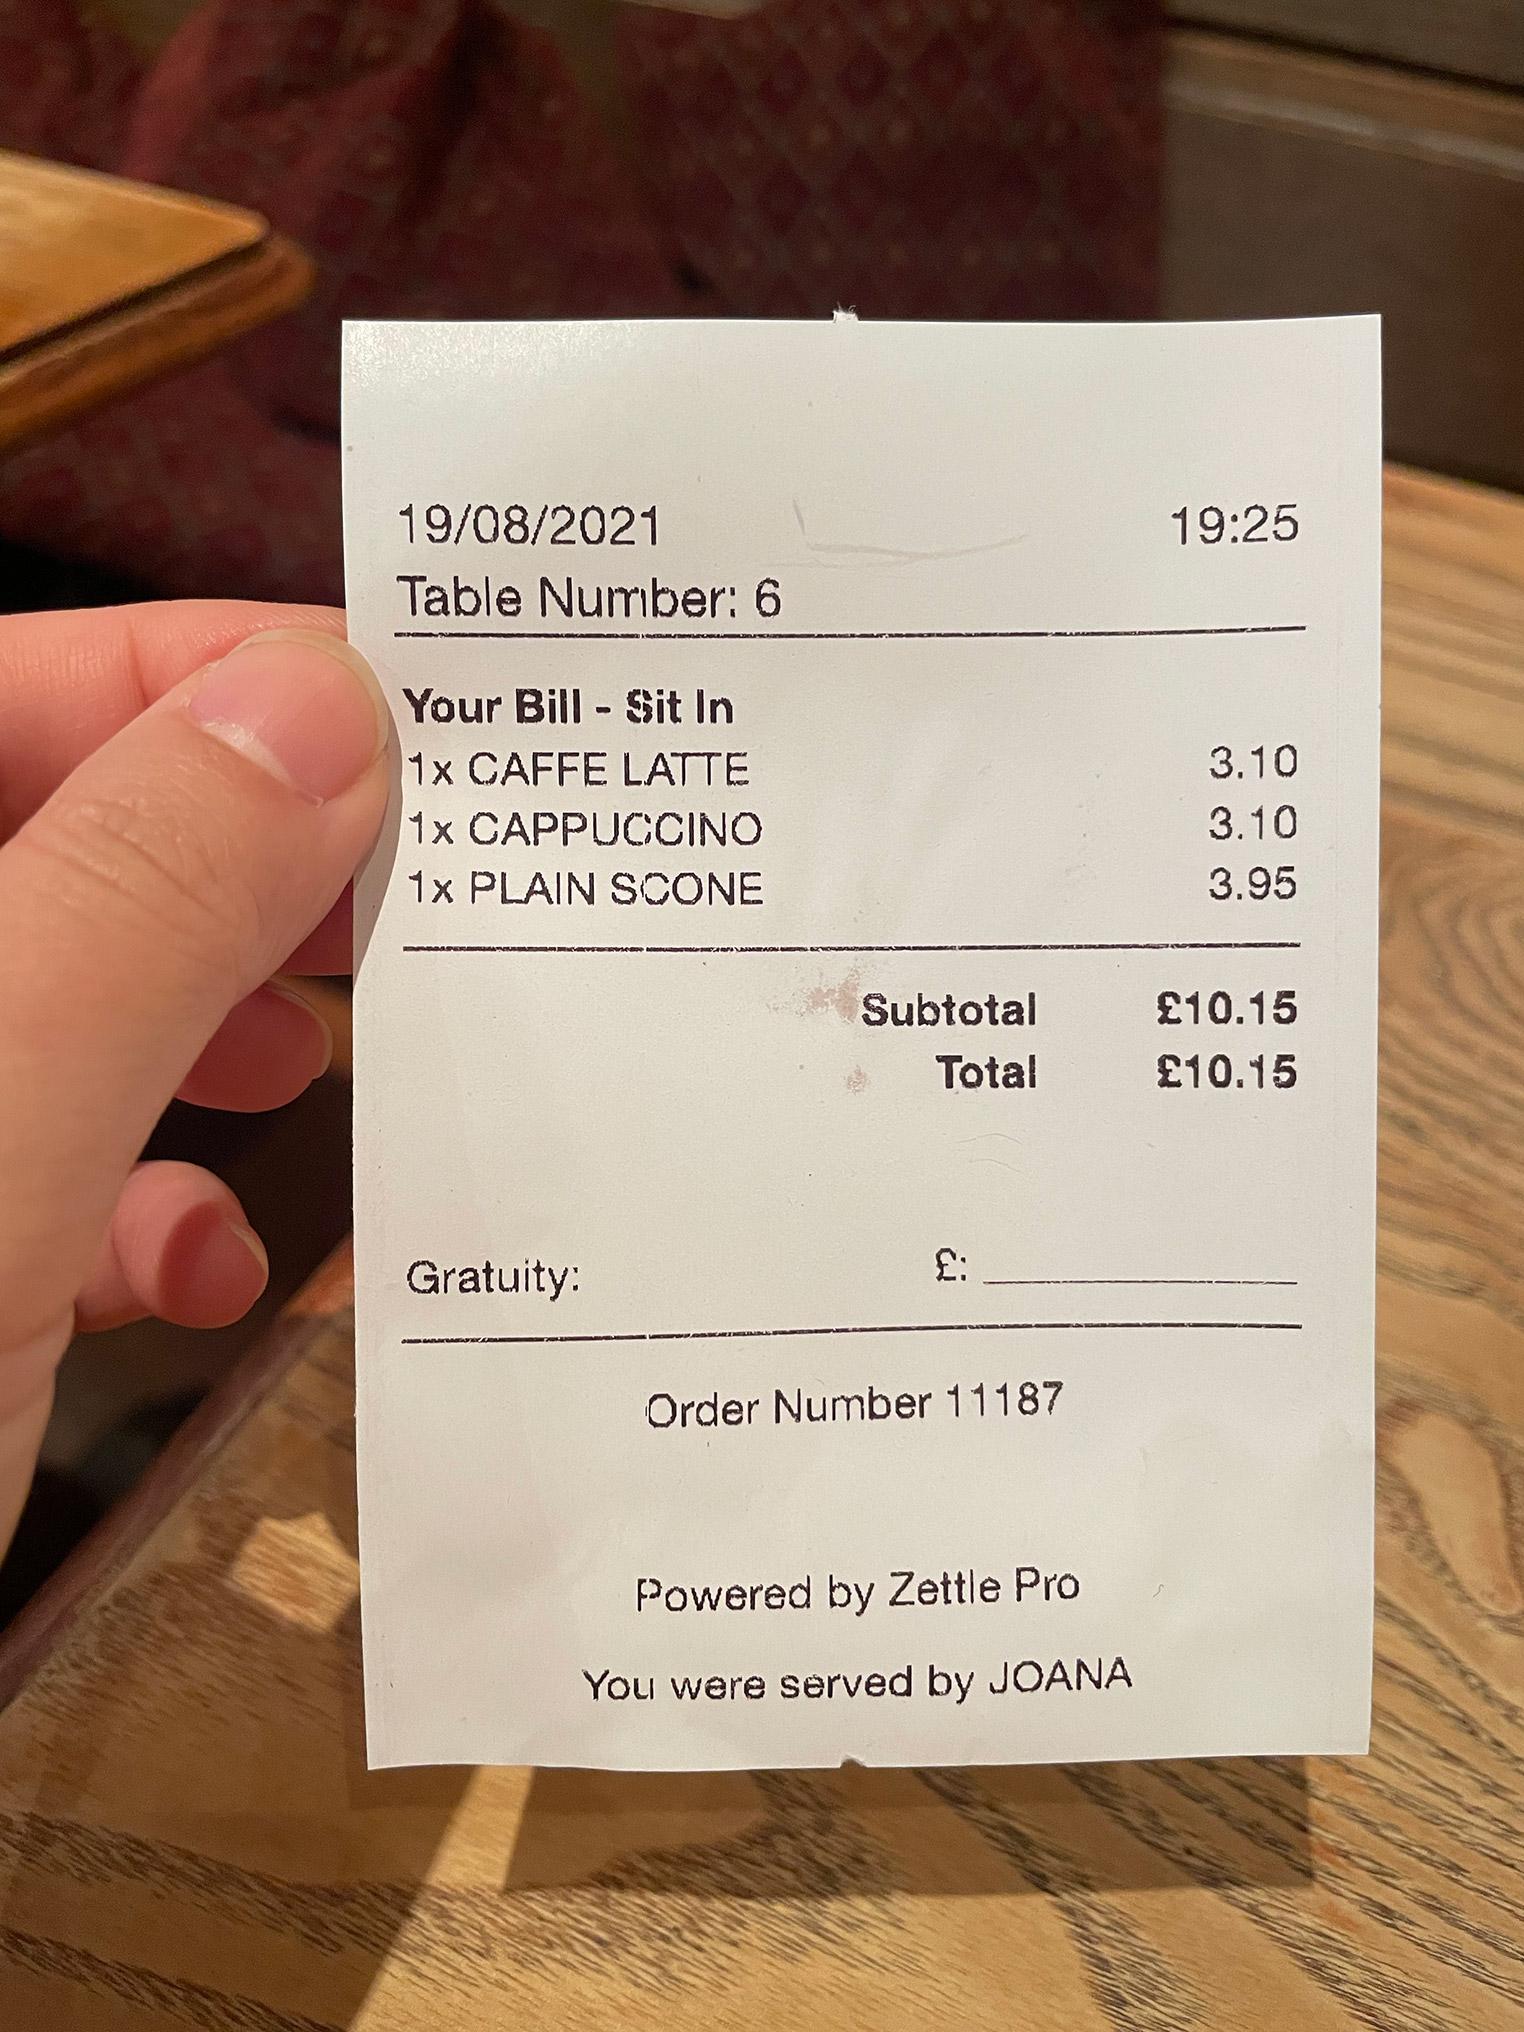 大象咖啡館-J·K羅琳創作《哈利波特》的咖啡廳 用餐收據花費